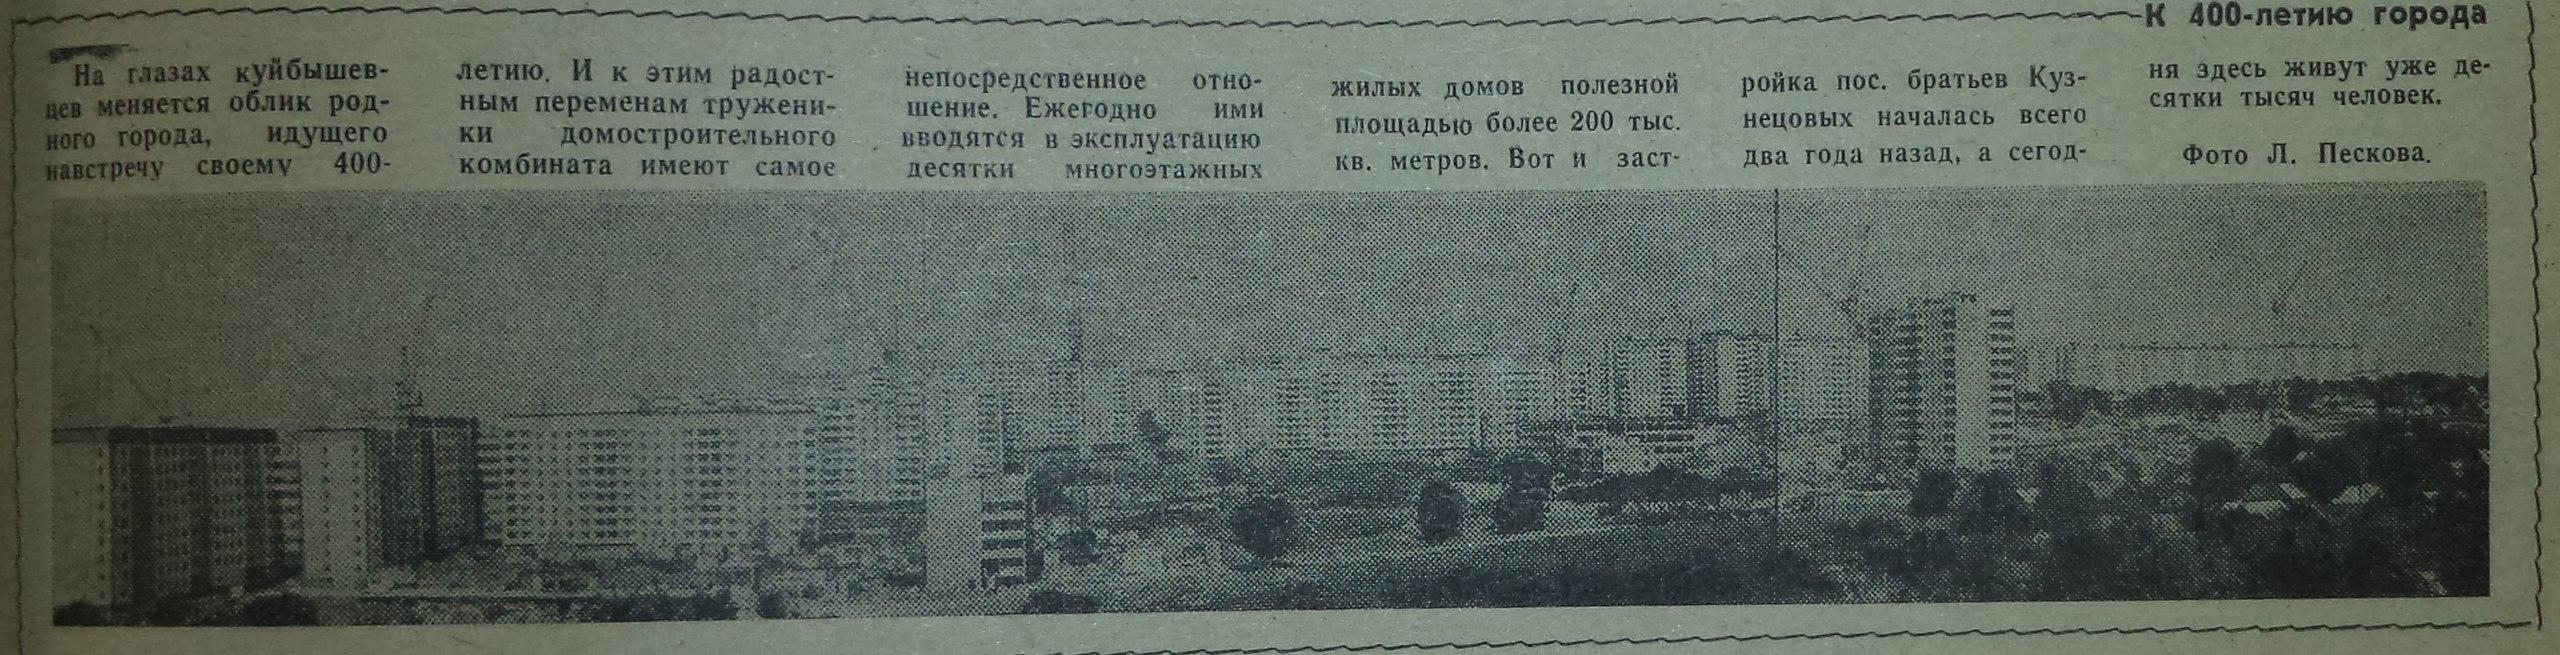 22 ноября 1985 года.